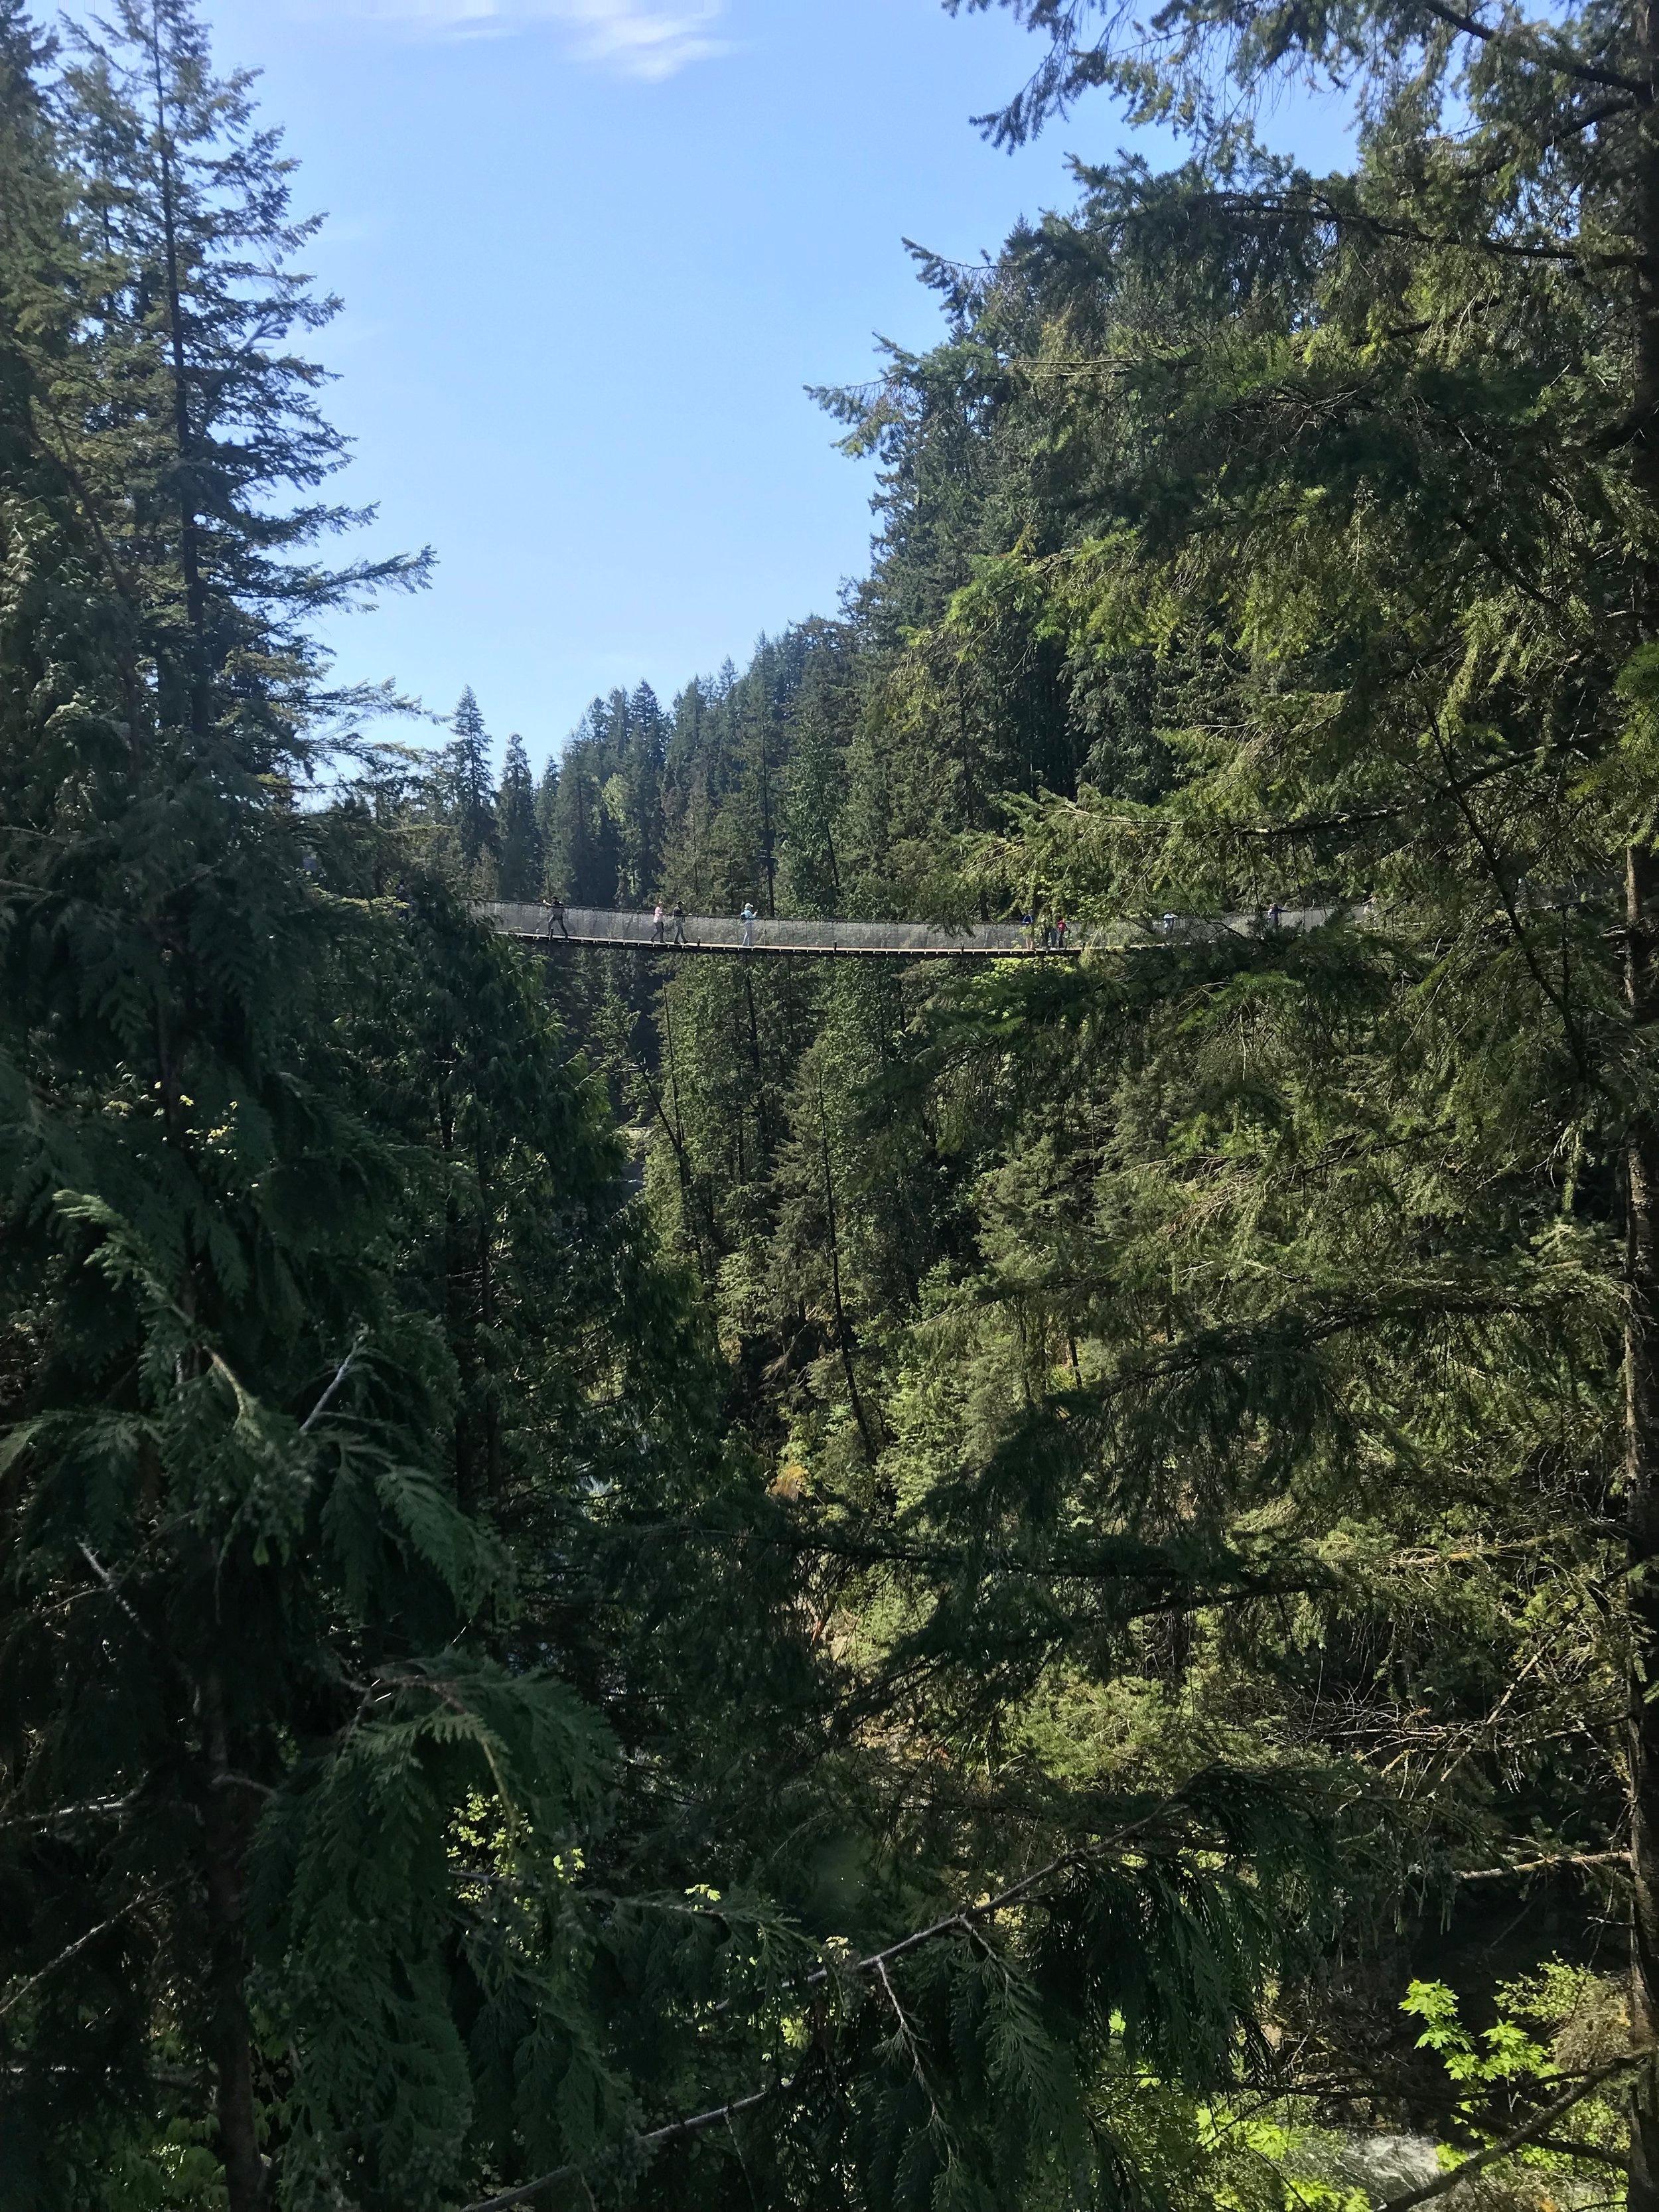 The suspension bridge from afar.